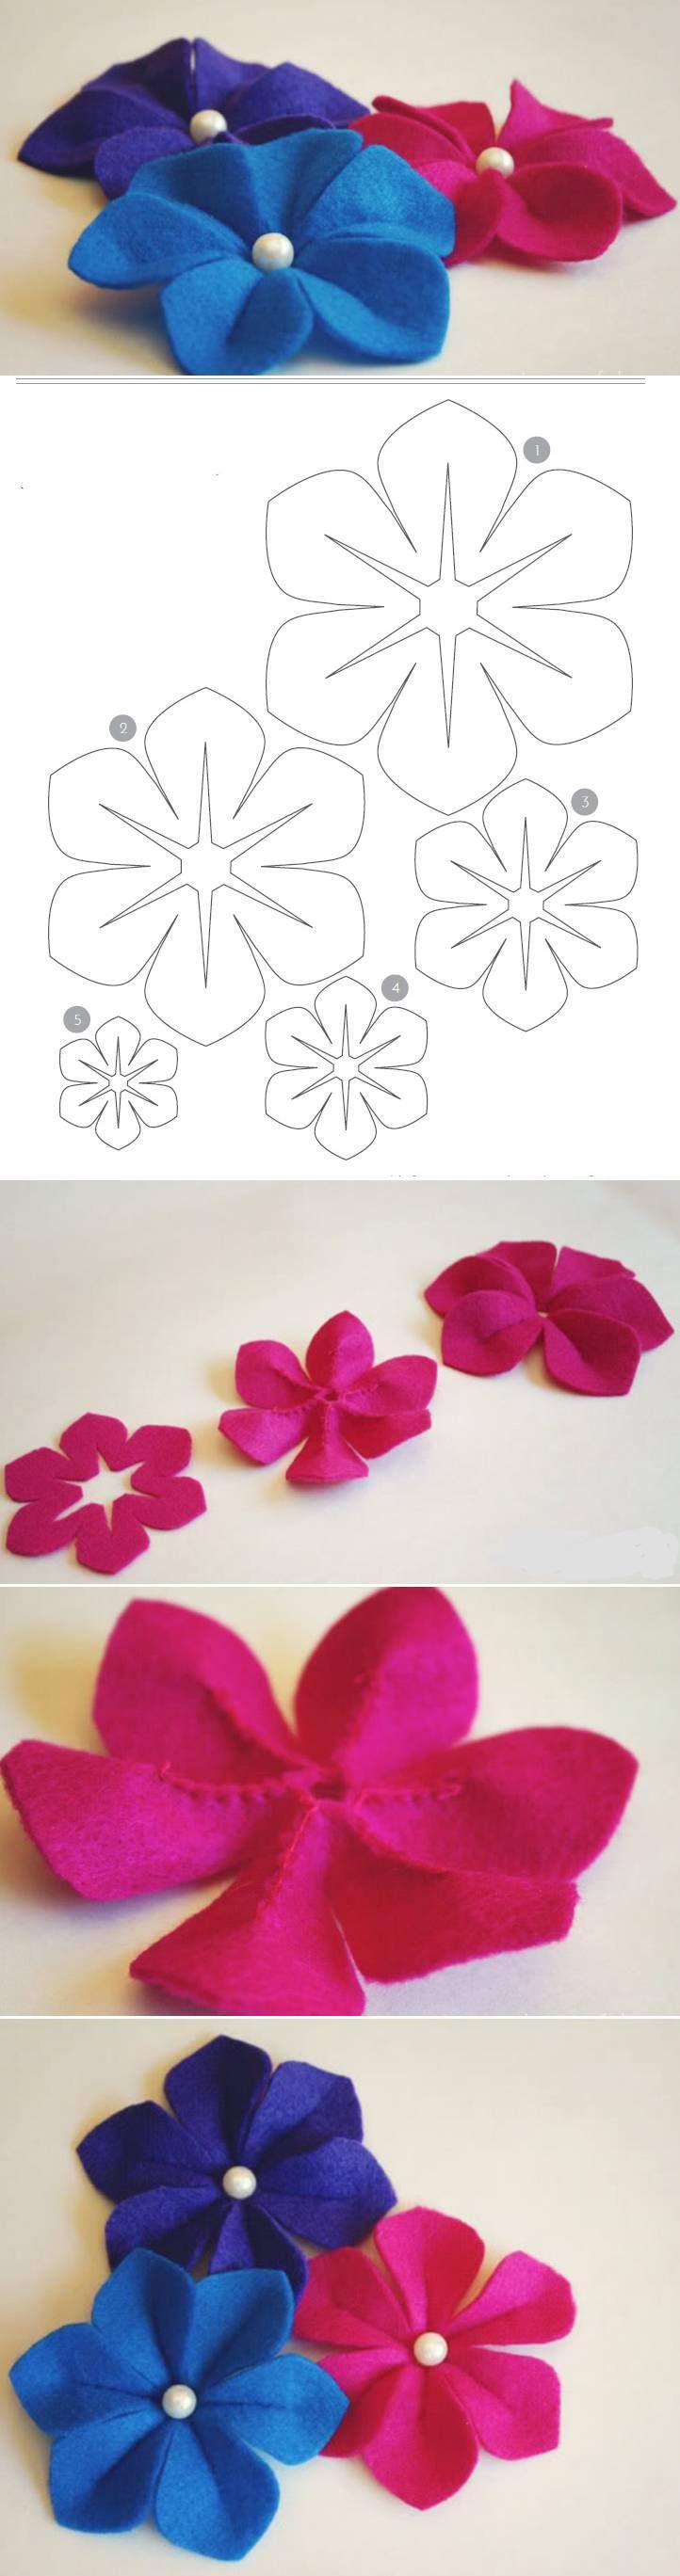 Tutorial y patrón para hacer flor de fieltro